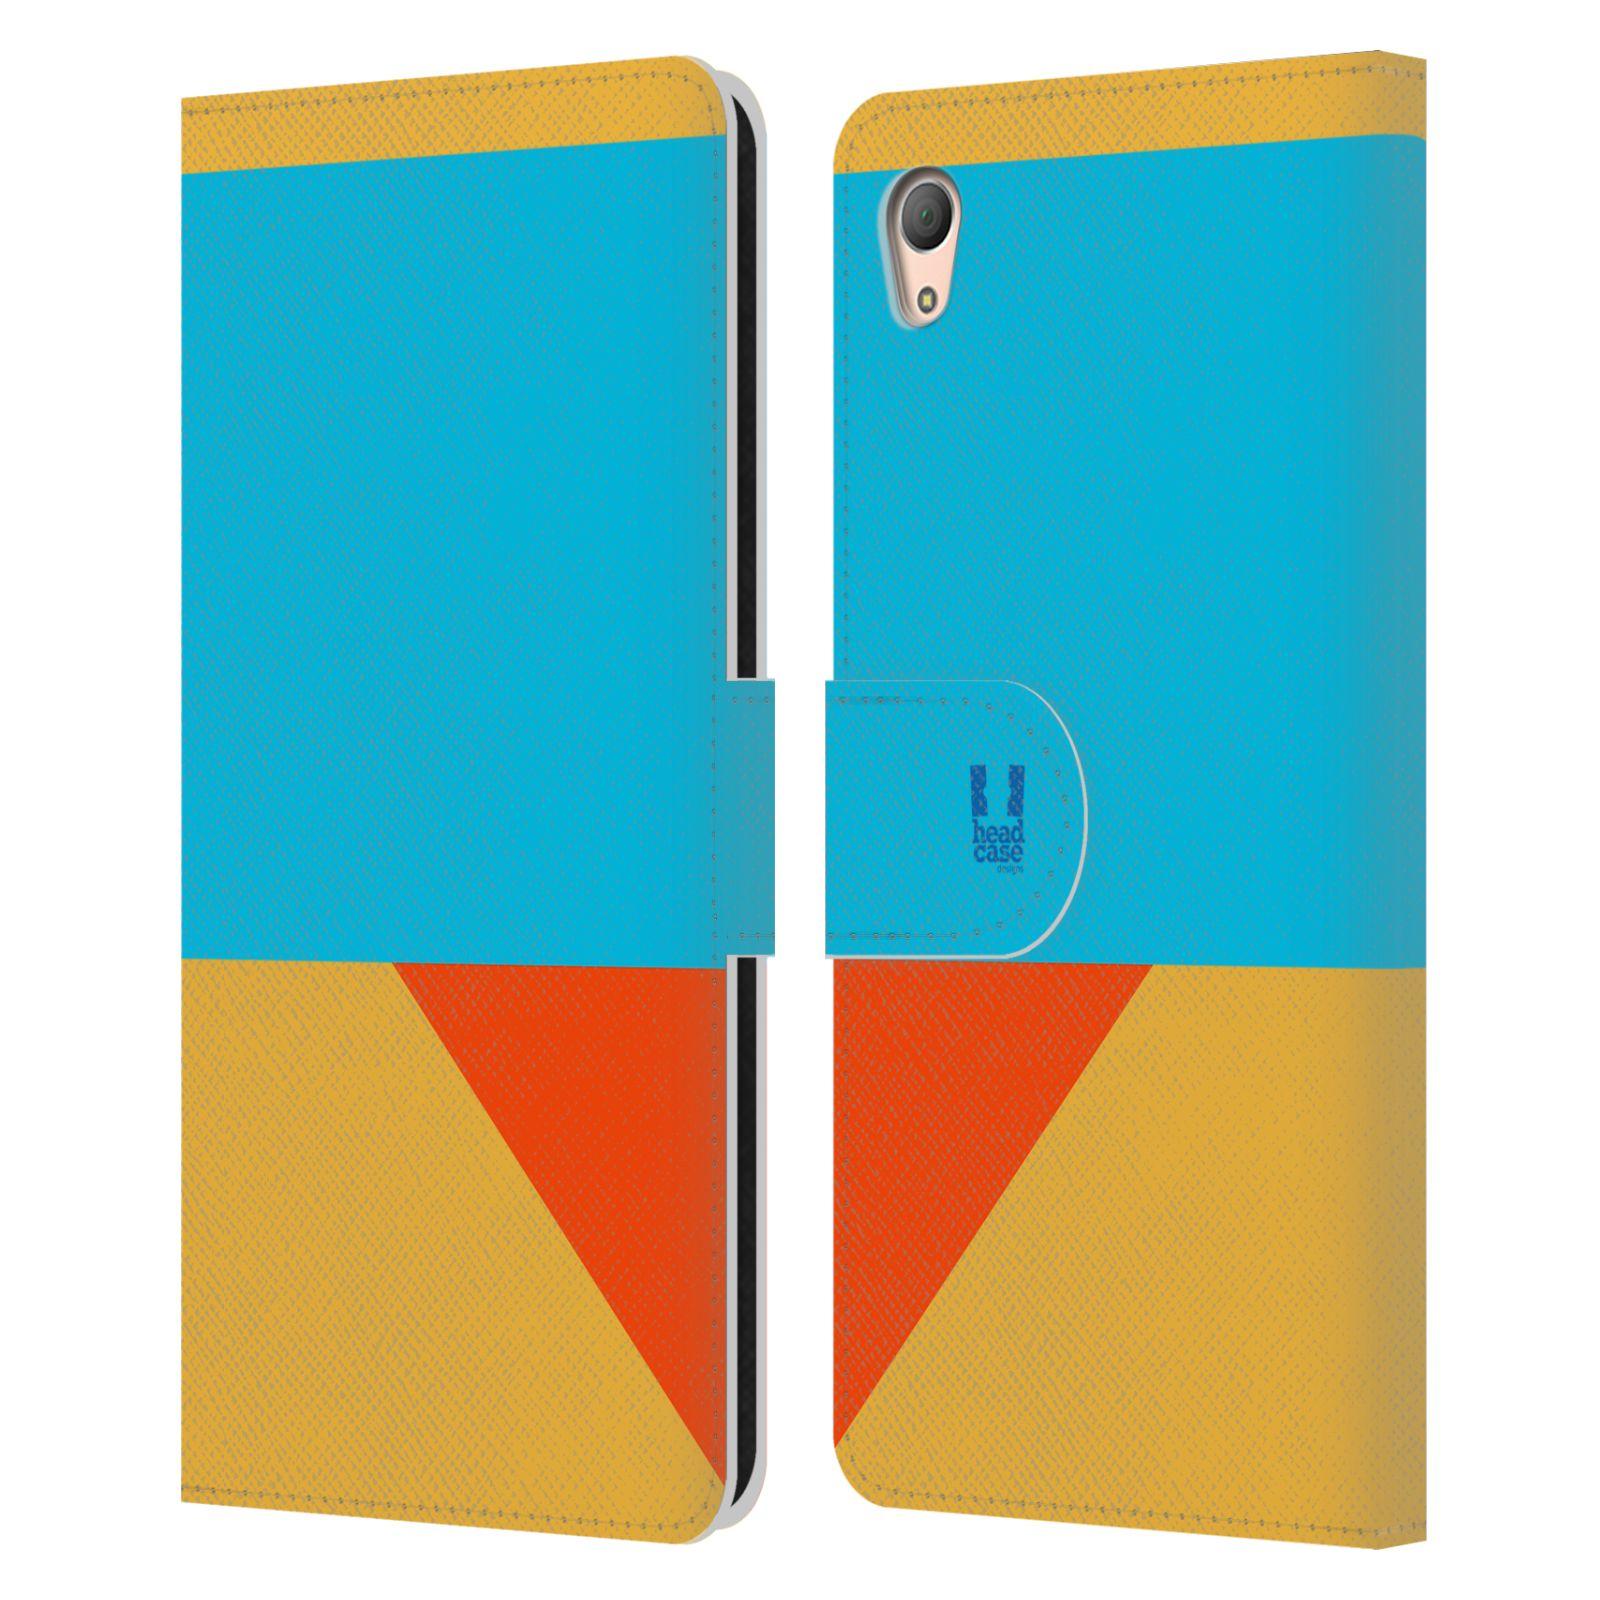 HEAD CASE Flipové pouzdro pro mobil SONY XPERIA Z3+(Z3 PLUS) barevné tvary béžová a modrá DAY WEAR